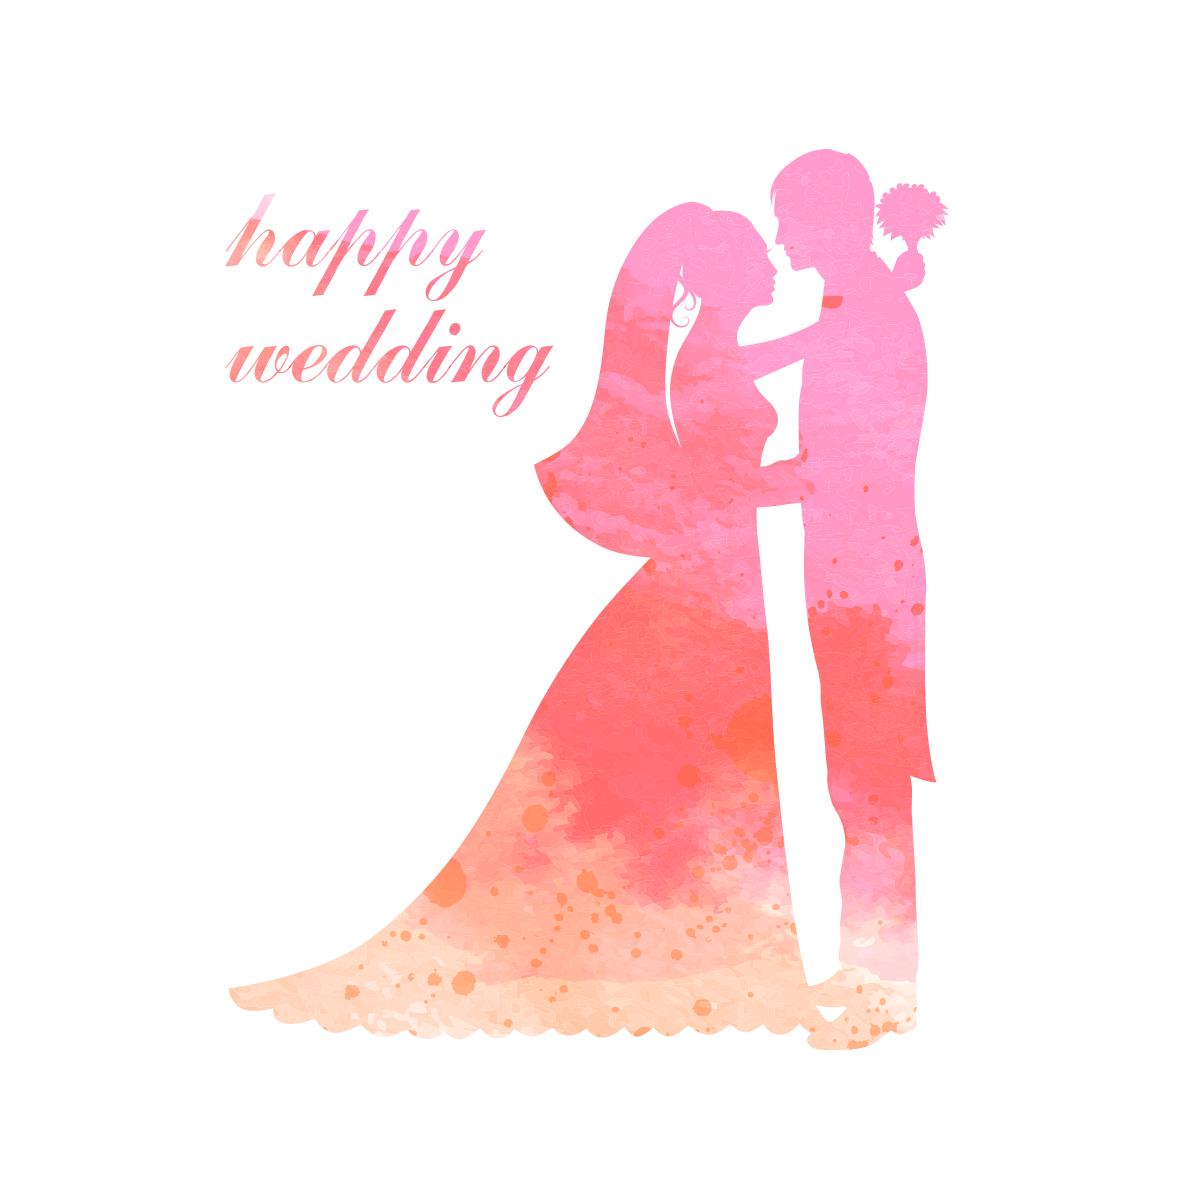 【子琳開麥】婚禮是一下子 婚姻是一輩子--中廣郭子琳